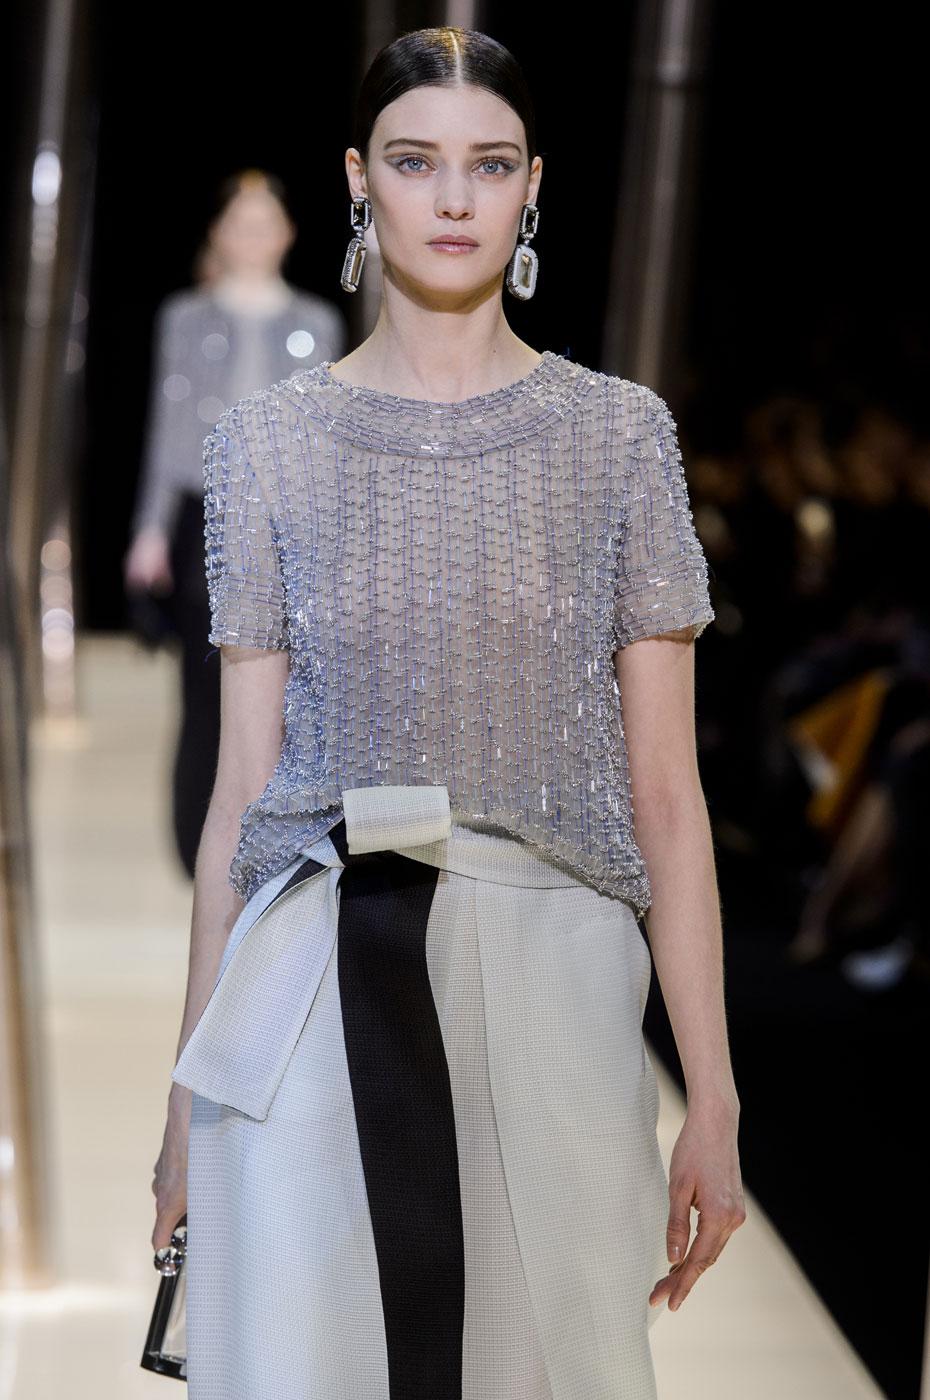 Giorgio-armani-Prive-fashion-runway-show-haute-couture-paris-spring-2015-the-impression-072